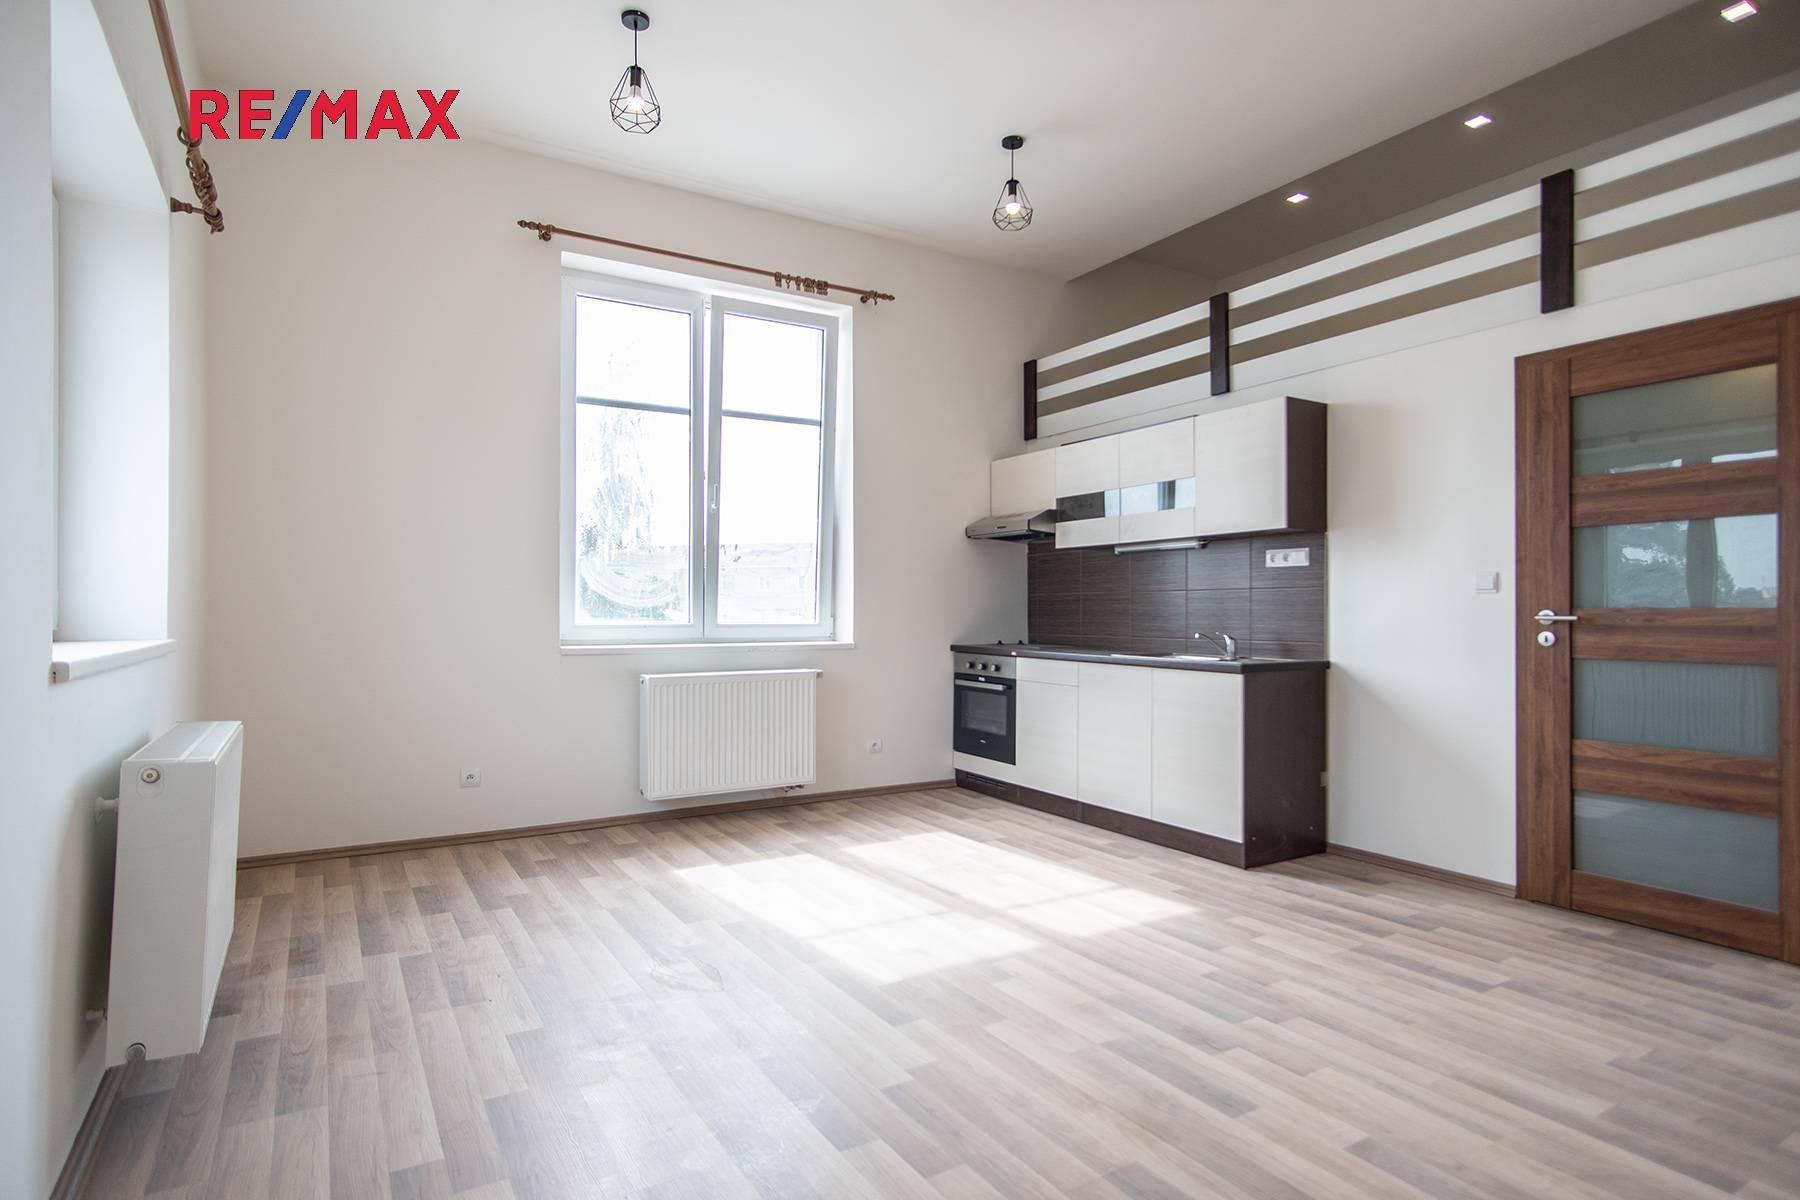 Pronájem bytu 2+kk v osobním vlastnictví, 37 m2, Český Brod